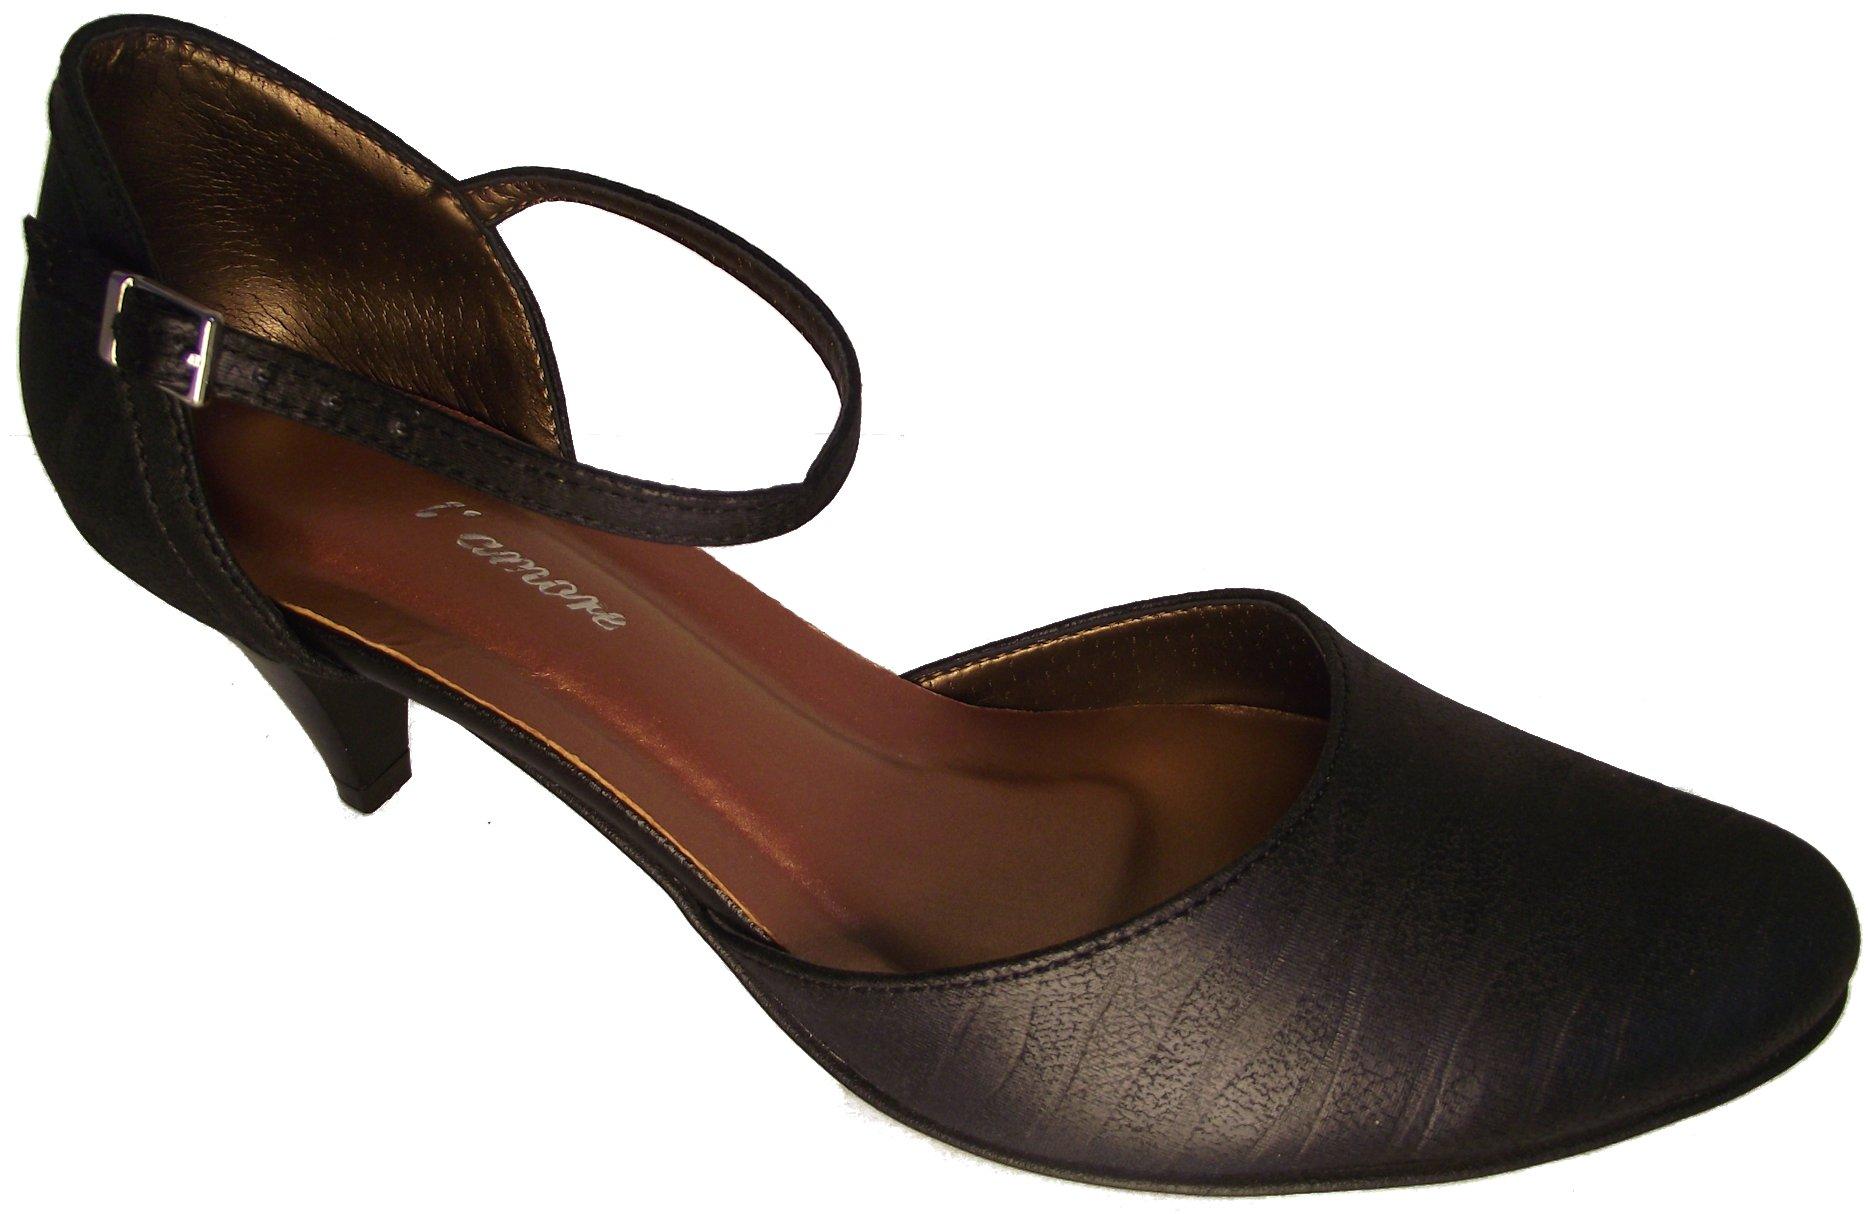 Dámská společenská obuv NES 2532 černá Velikost: 38 (EU)